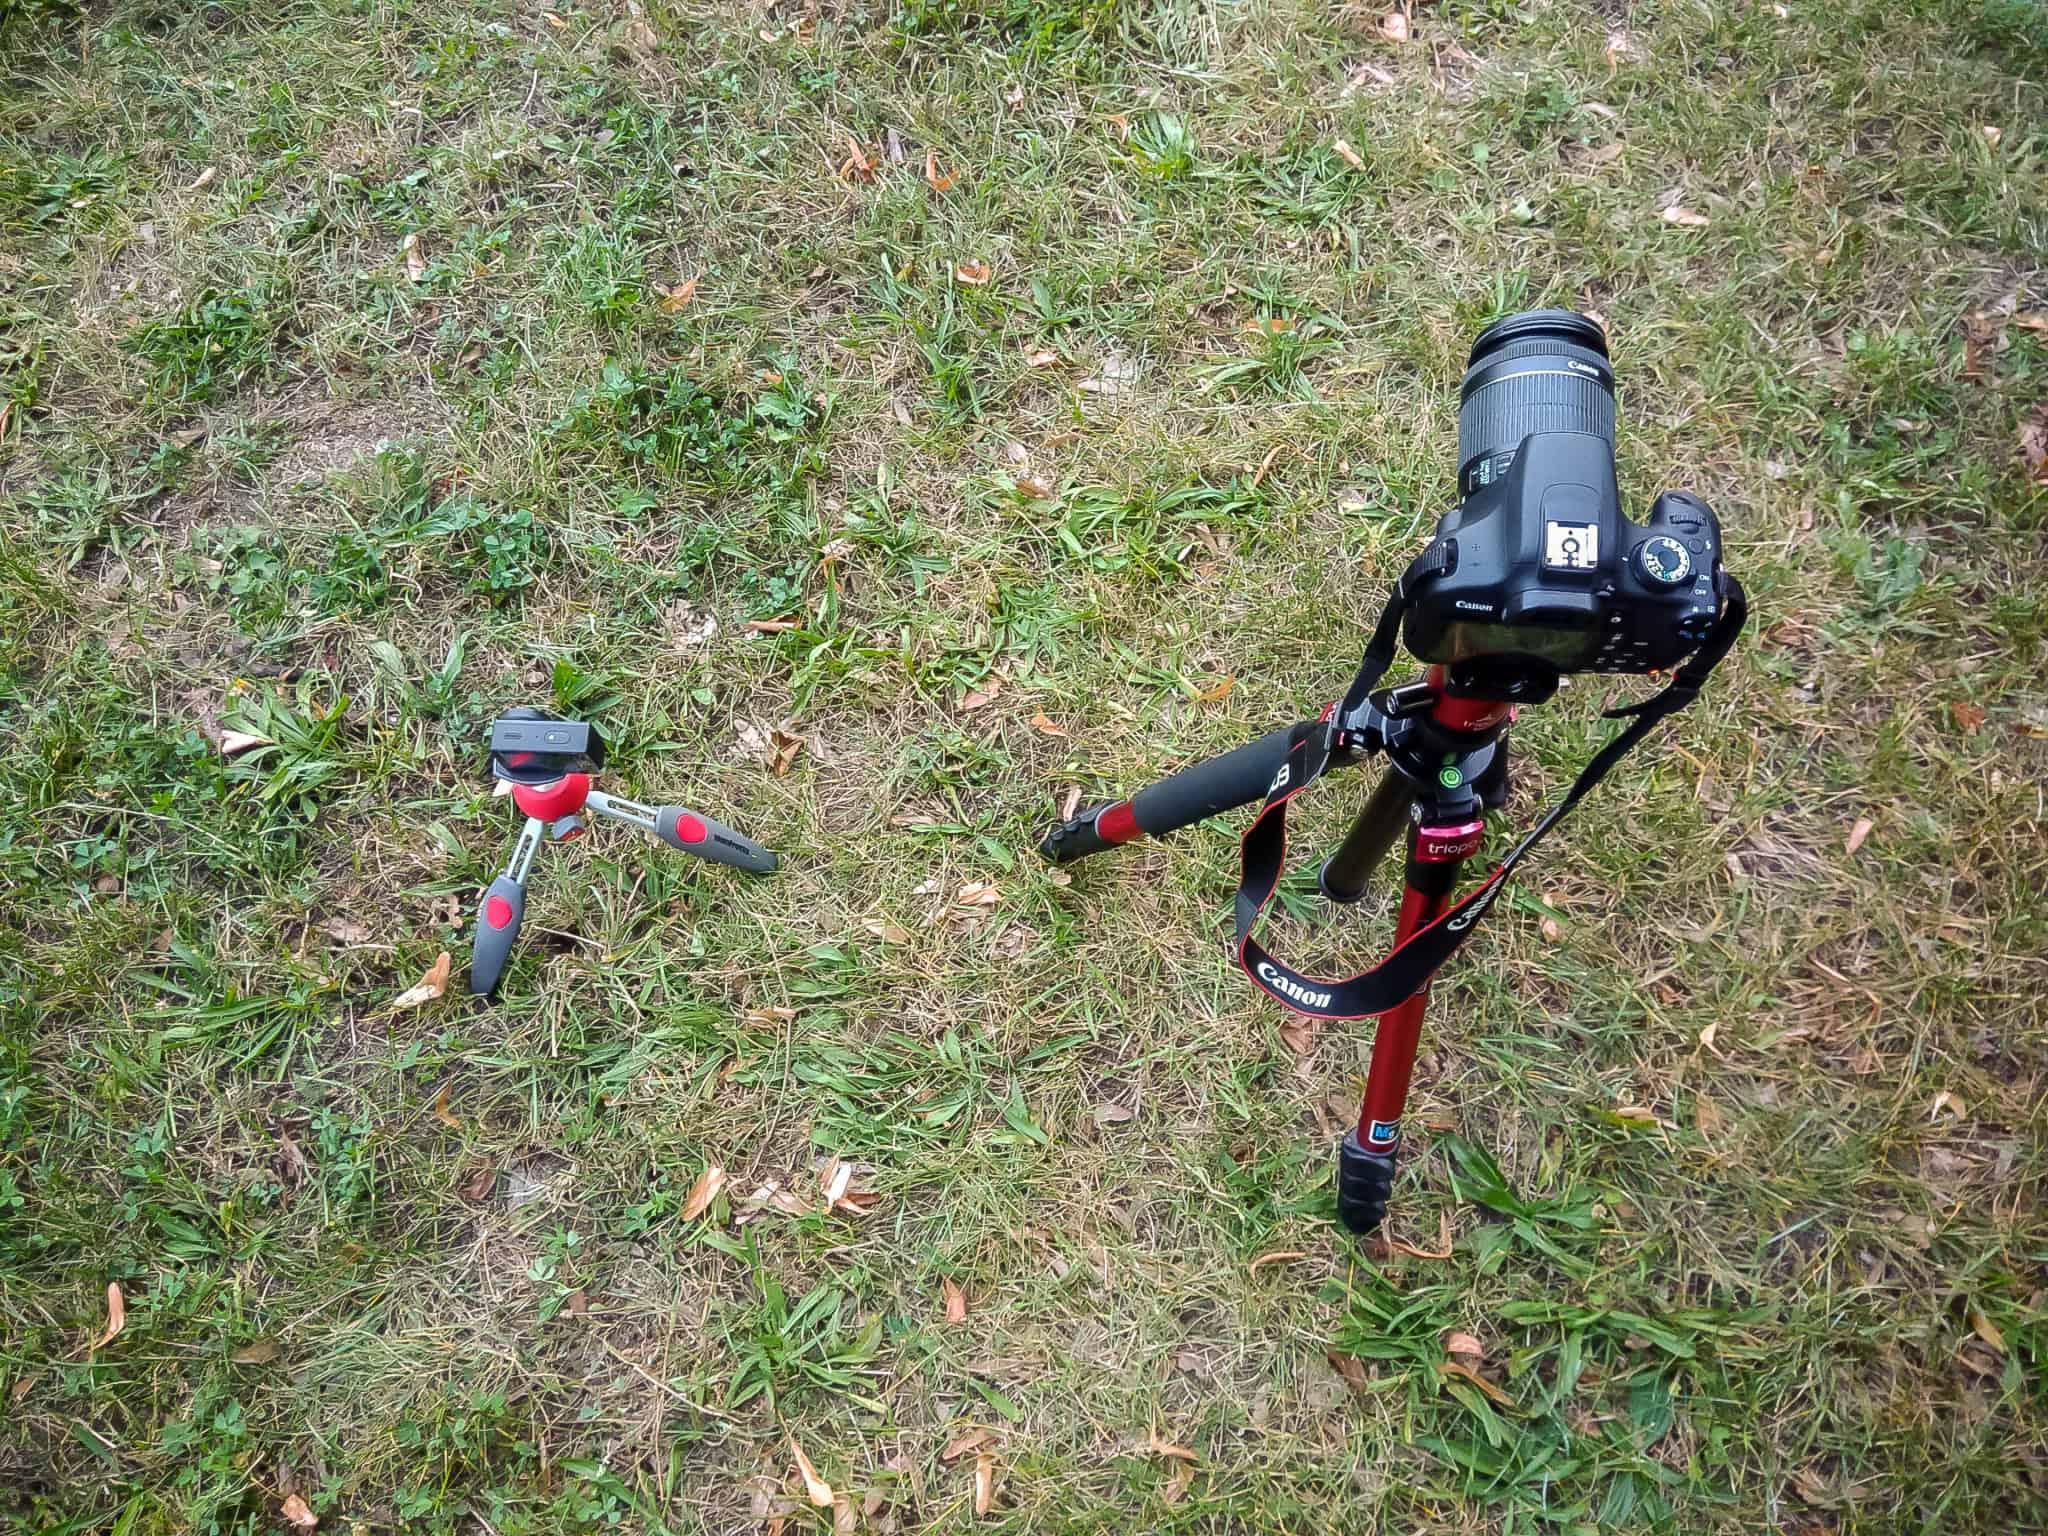 jak zrobic timelapse statyw kamera